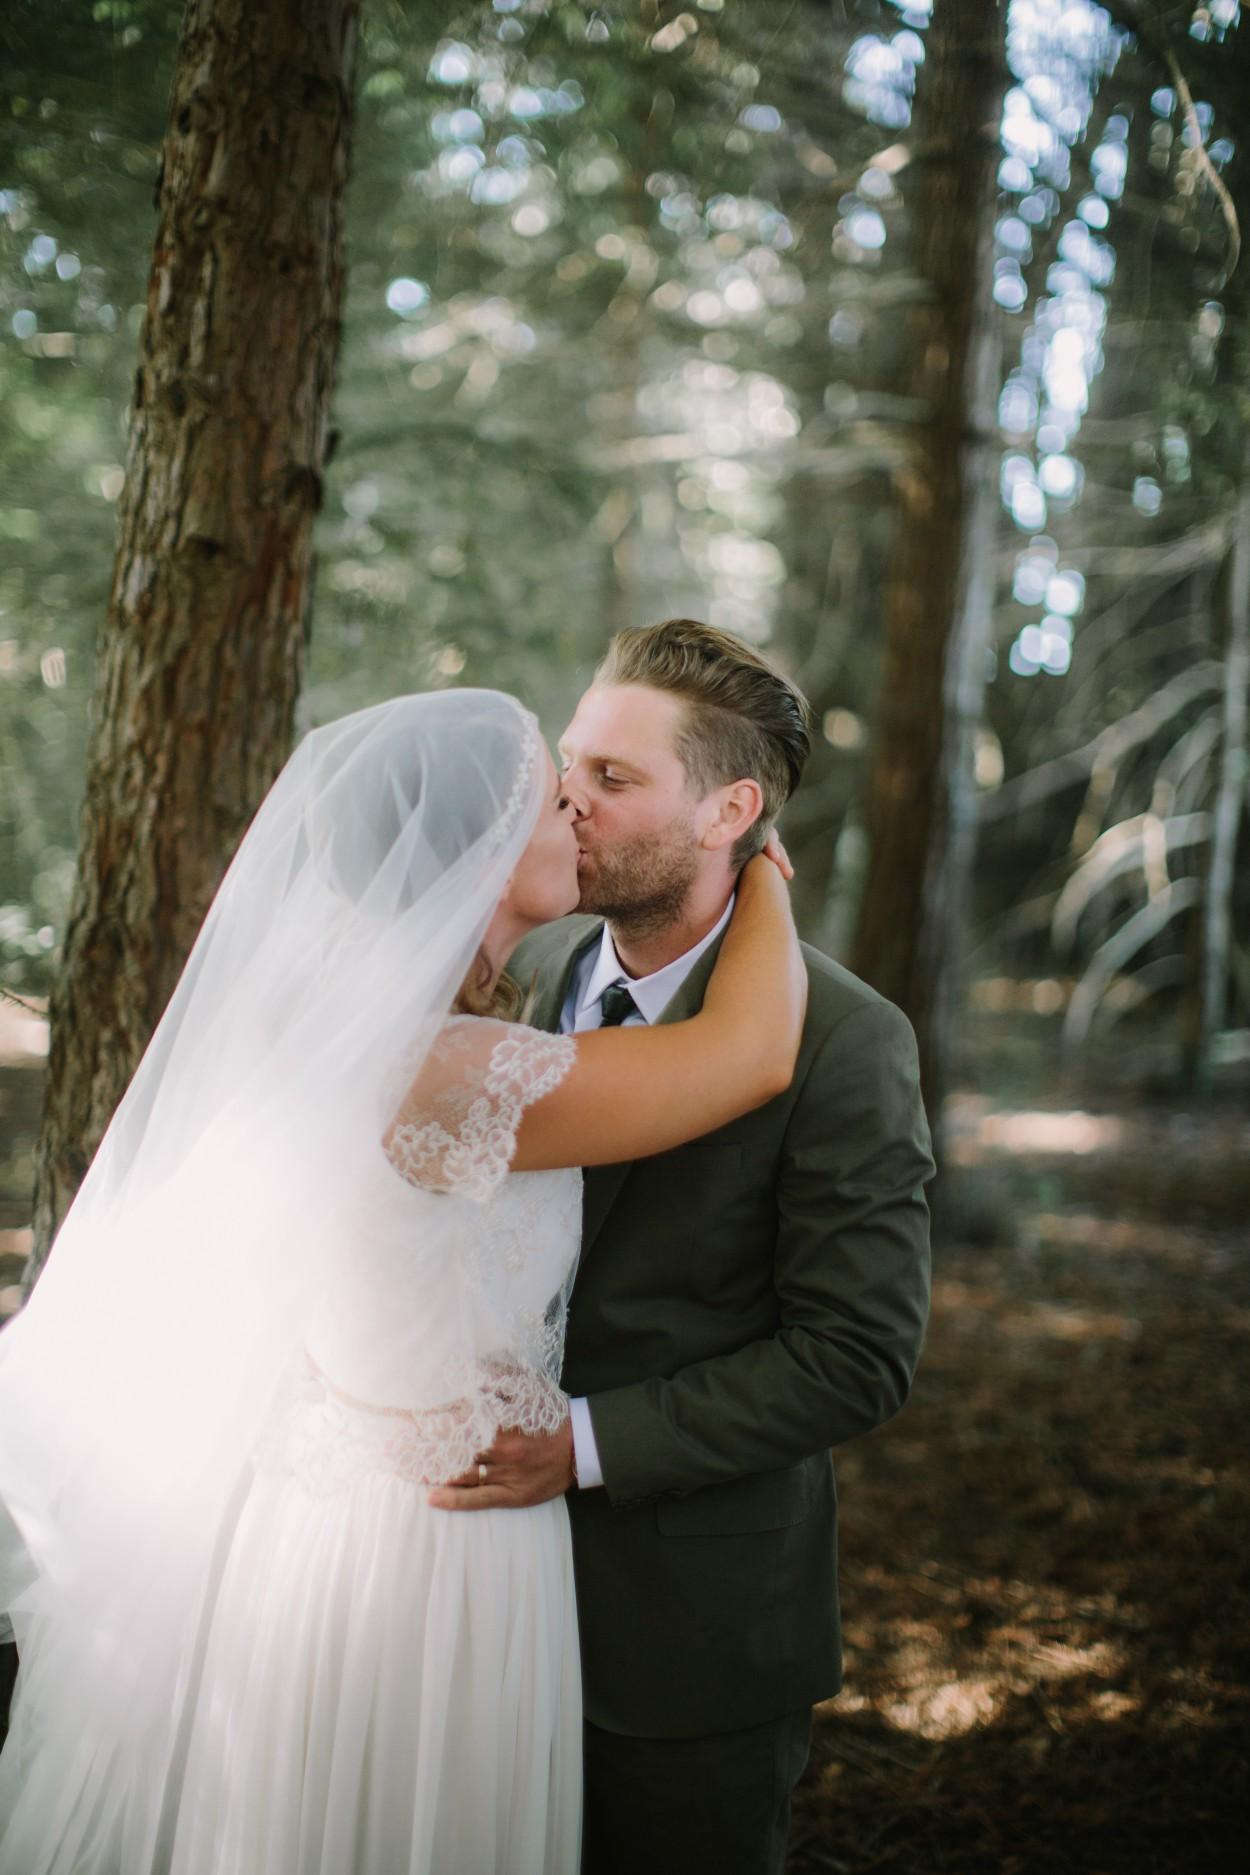 I-Got-You-Babe-Weddings-Hawkes-Bay-NZ-Wedding-Aleisha-Rolly102.jpg